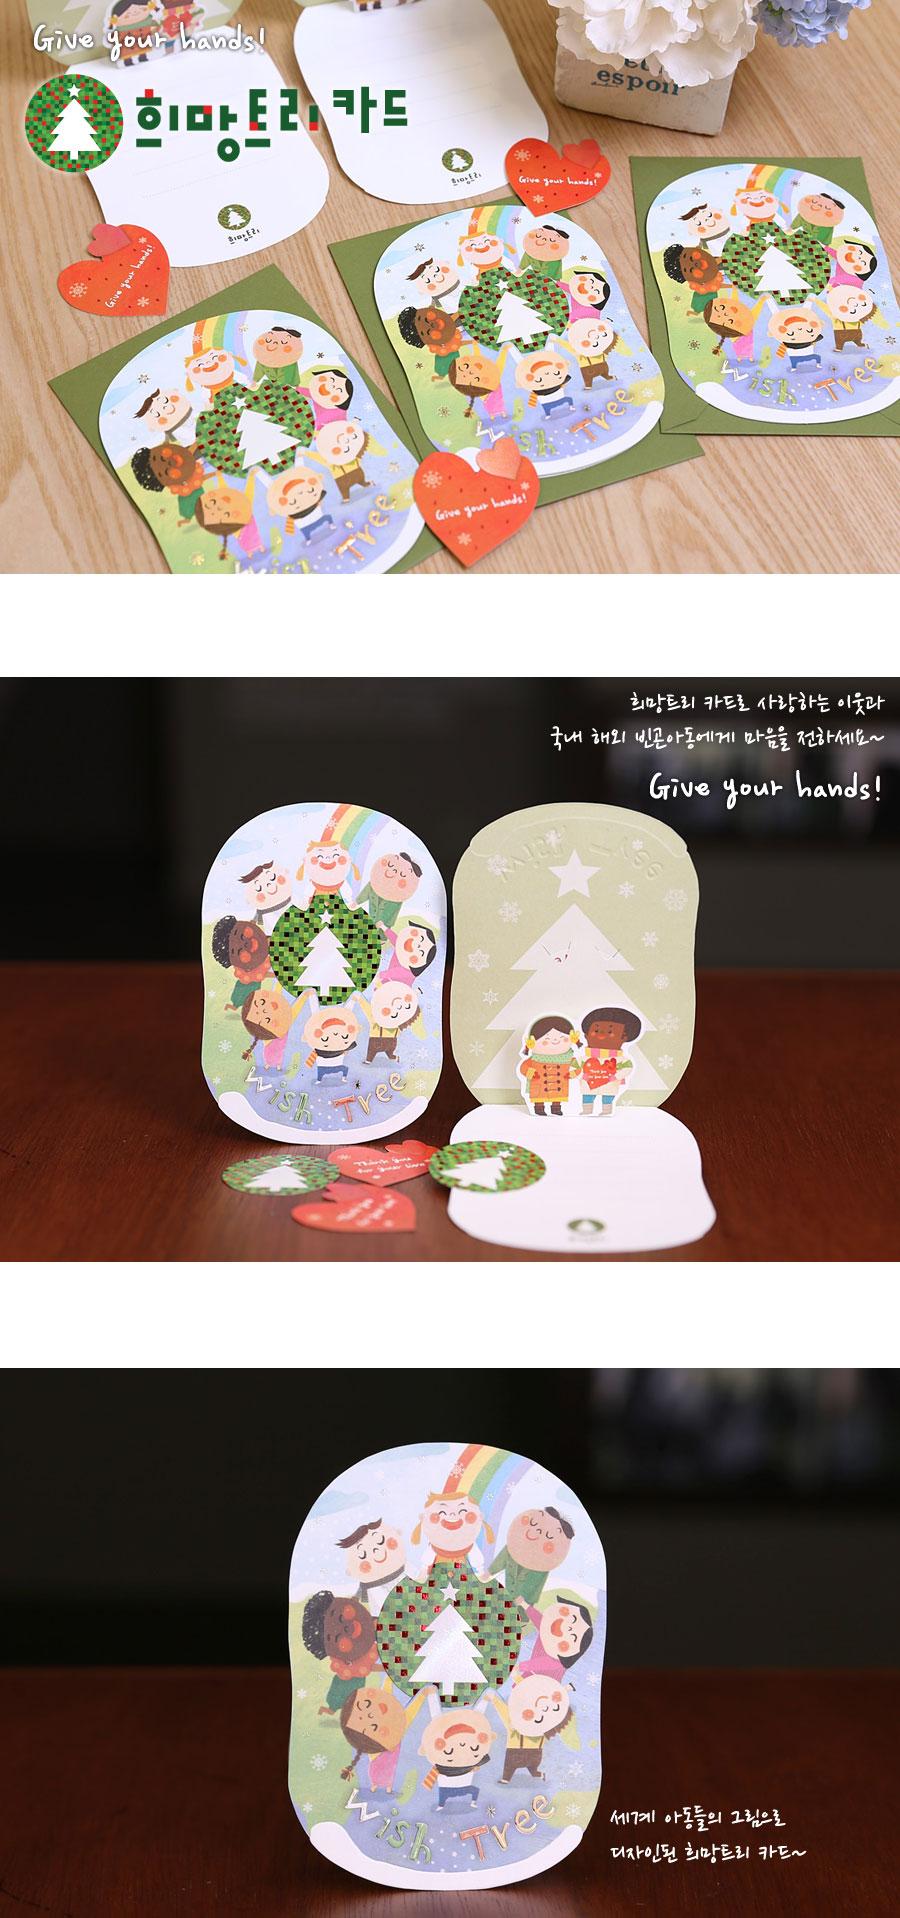 굿네이버스 희망트리 카드 Give Your Hand - 굿네이버스, 500원, 카드, 크리스마스 카드